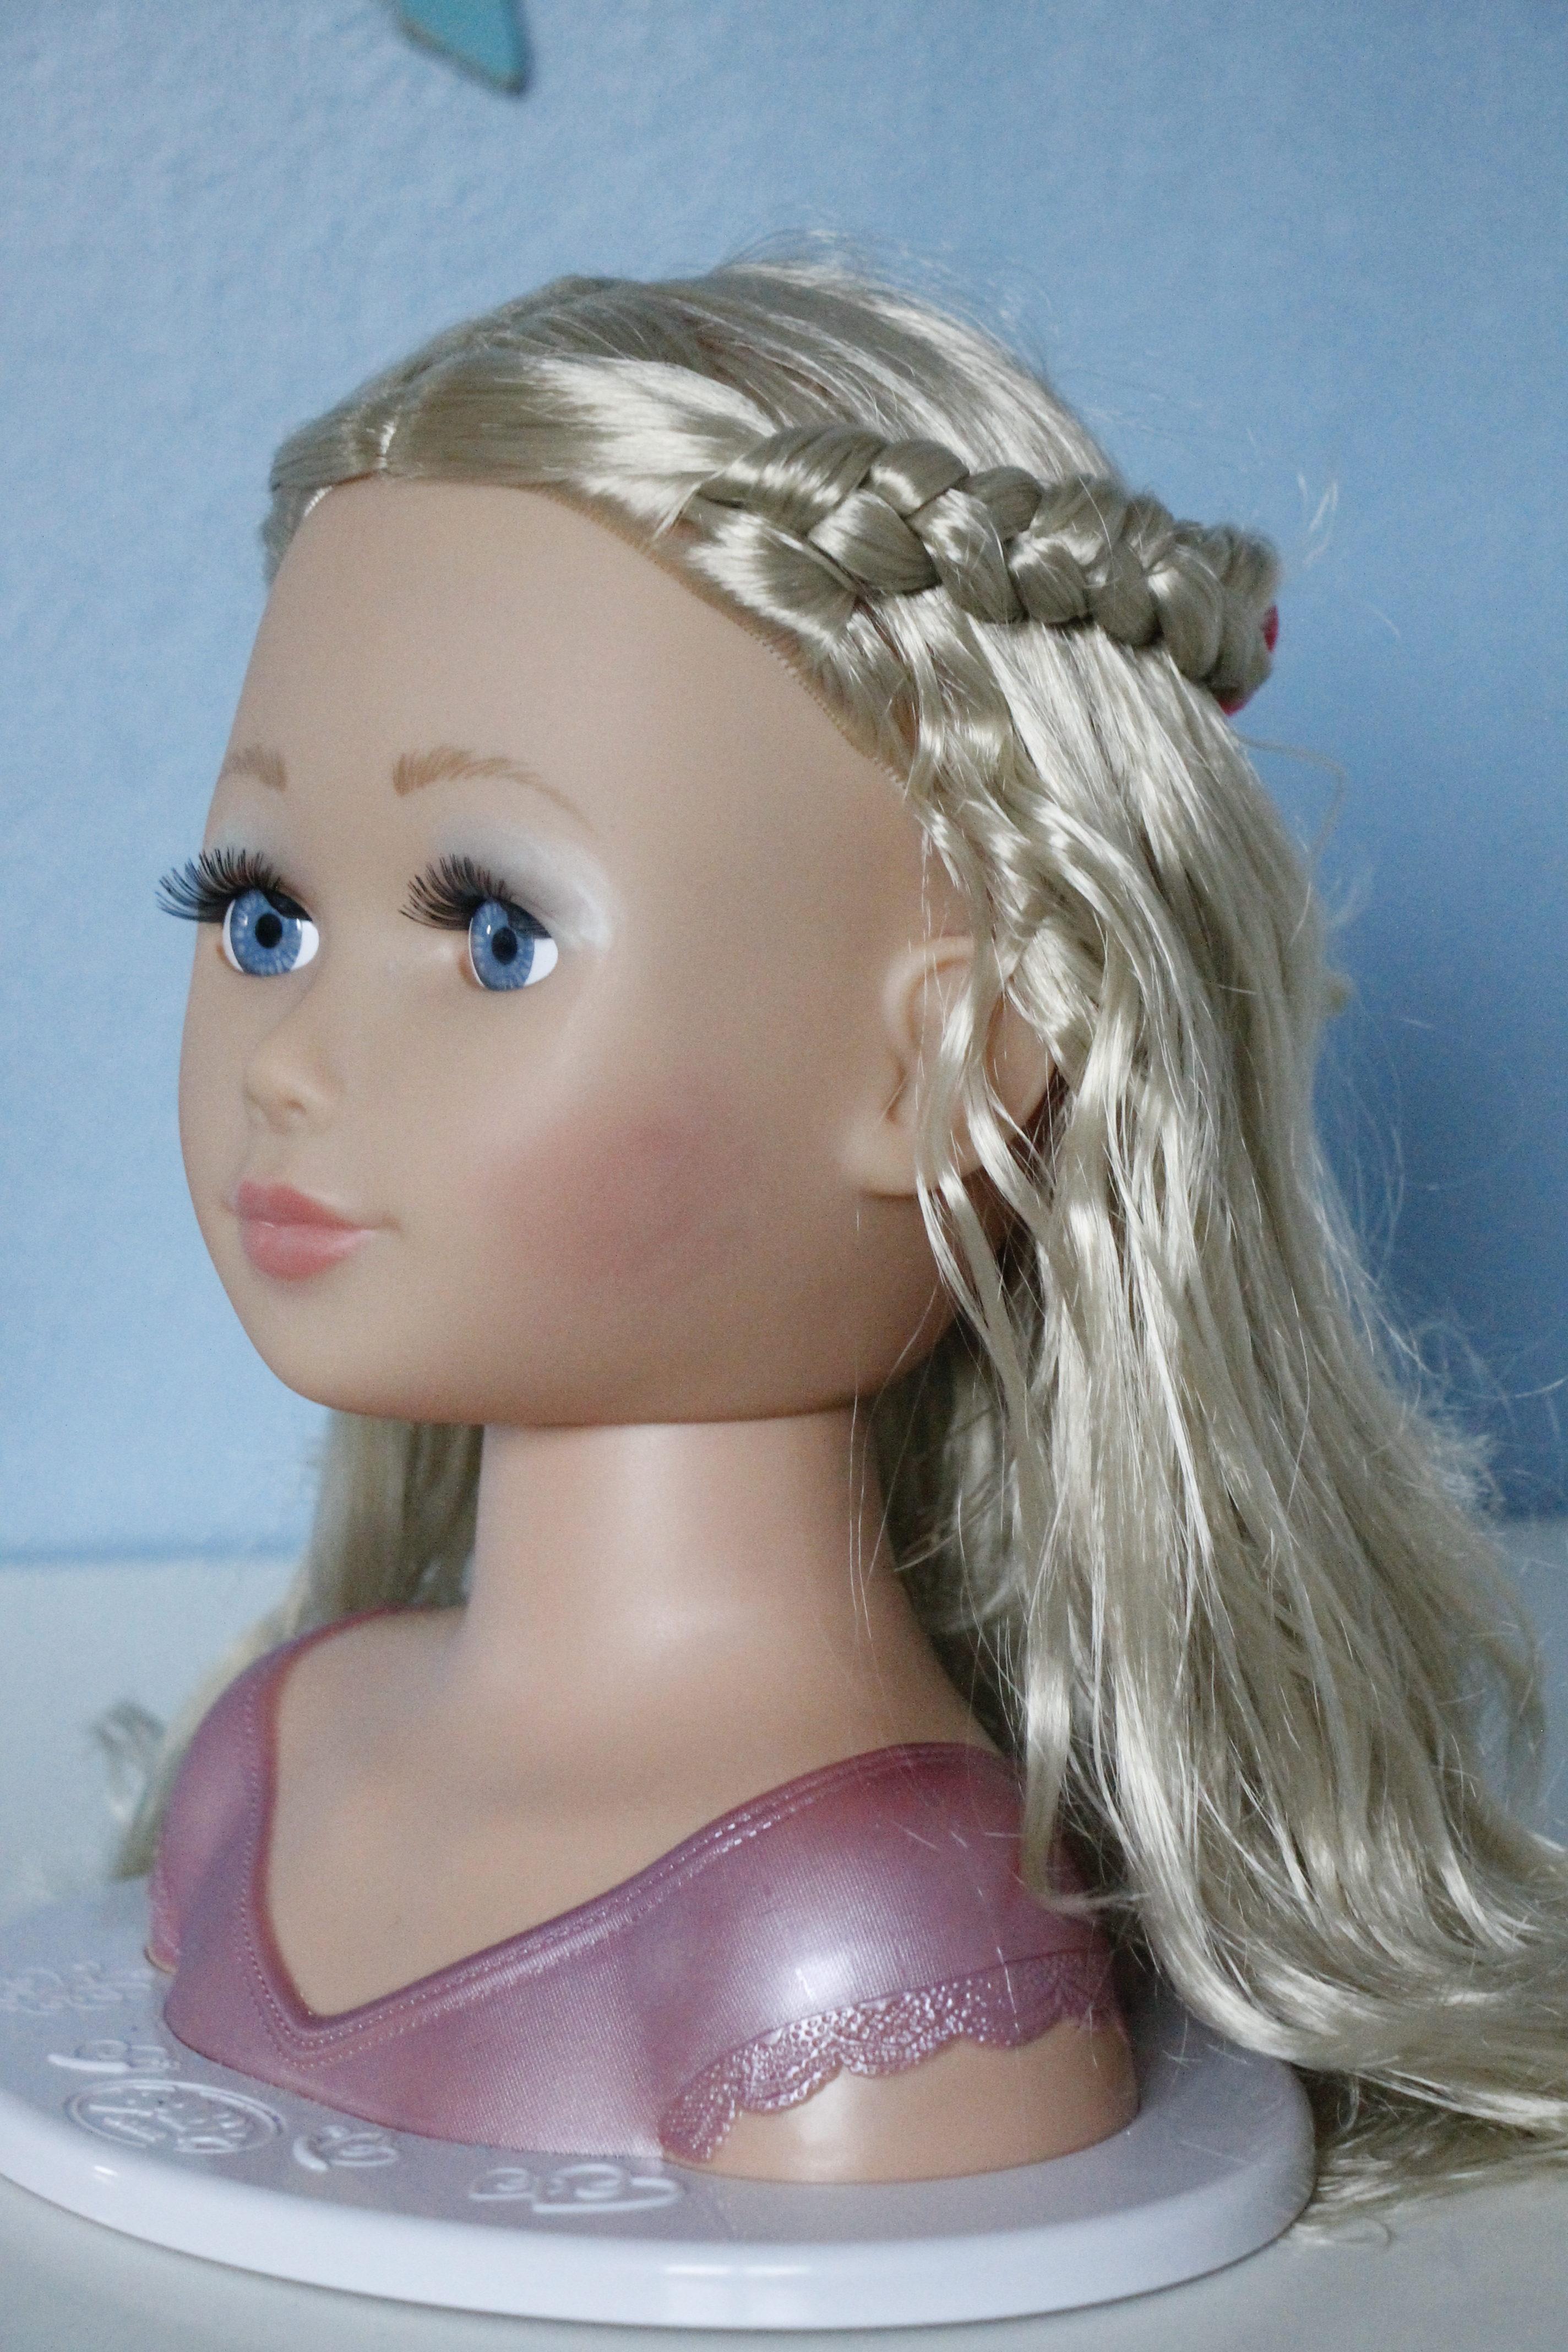 Idee Weihnachtsgeschenk Mädchen - Lavendelblog